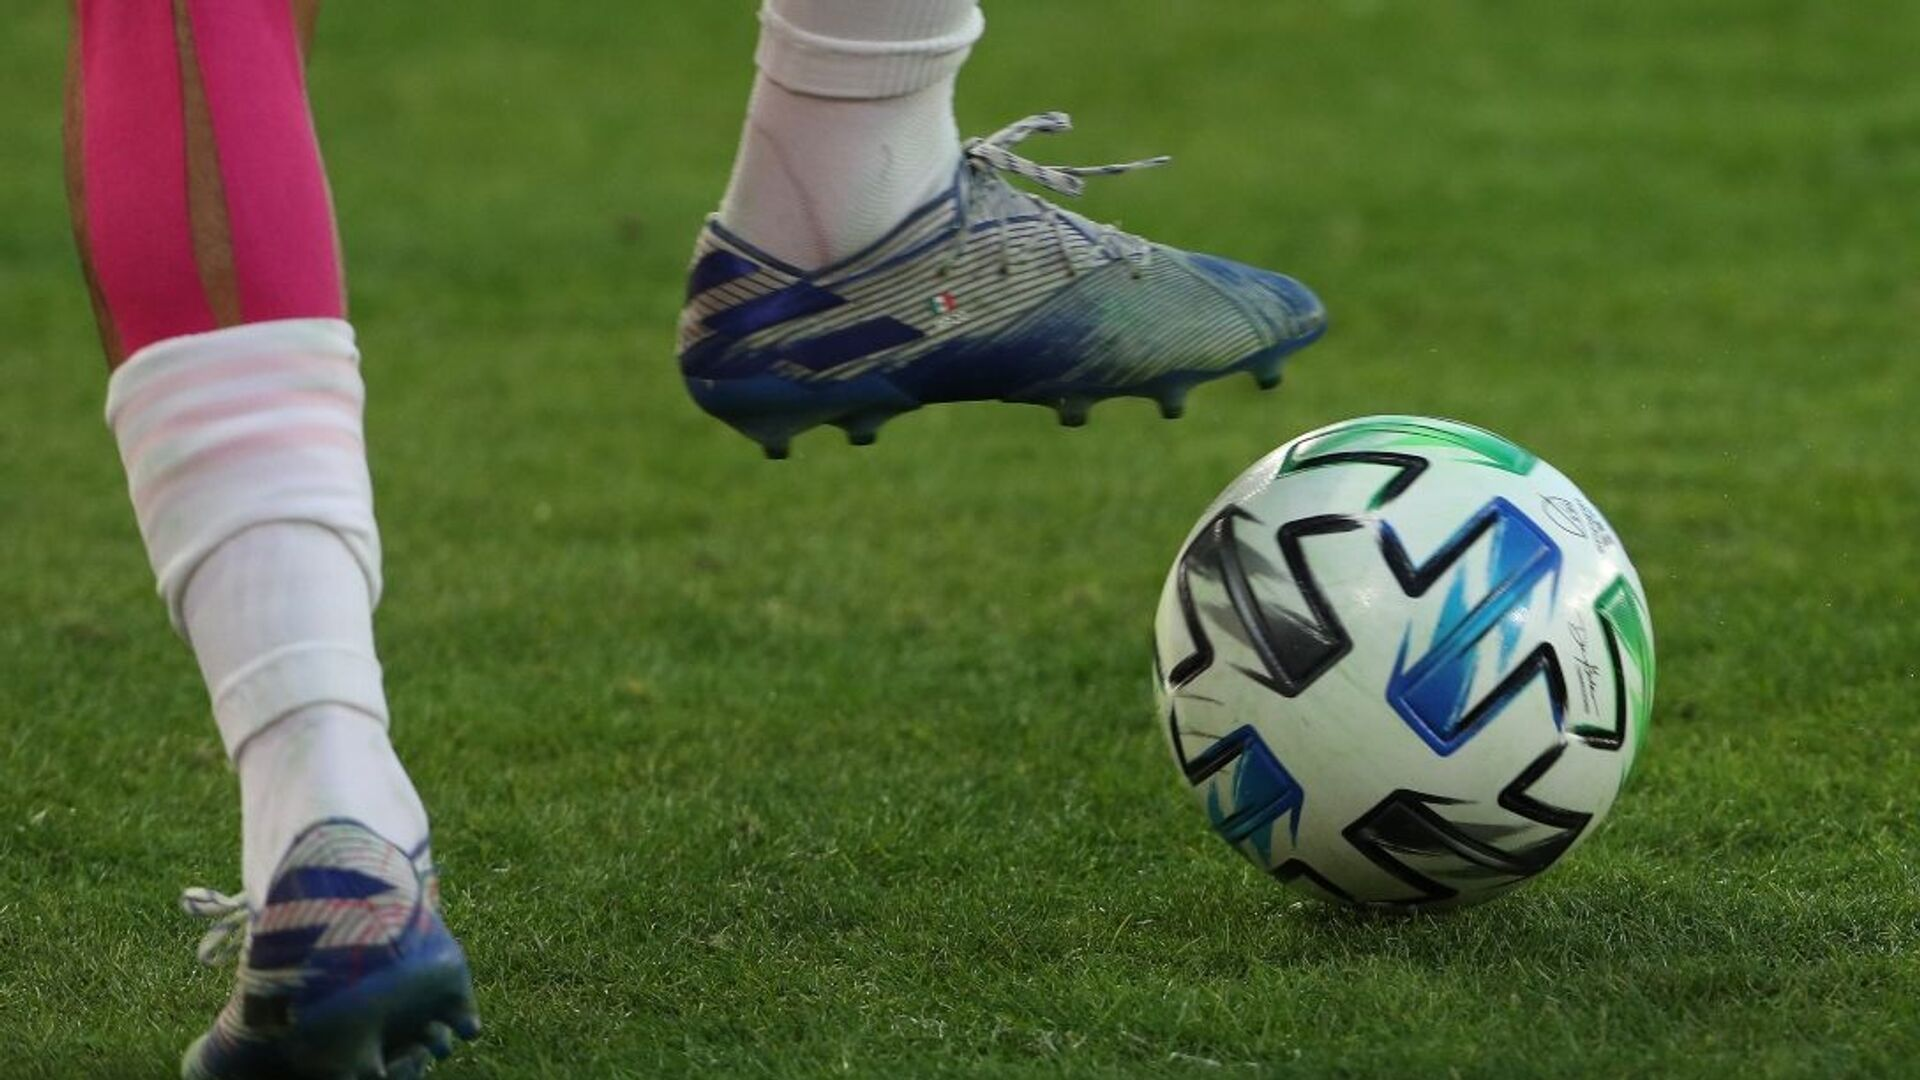 Μπάλα ποδοσφαίρου - Sputnik Ελλάδα, 1920, 05.10.2021